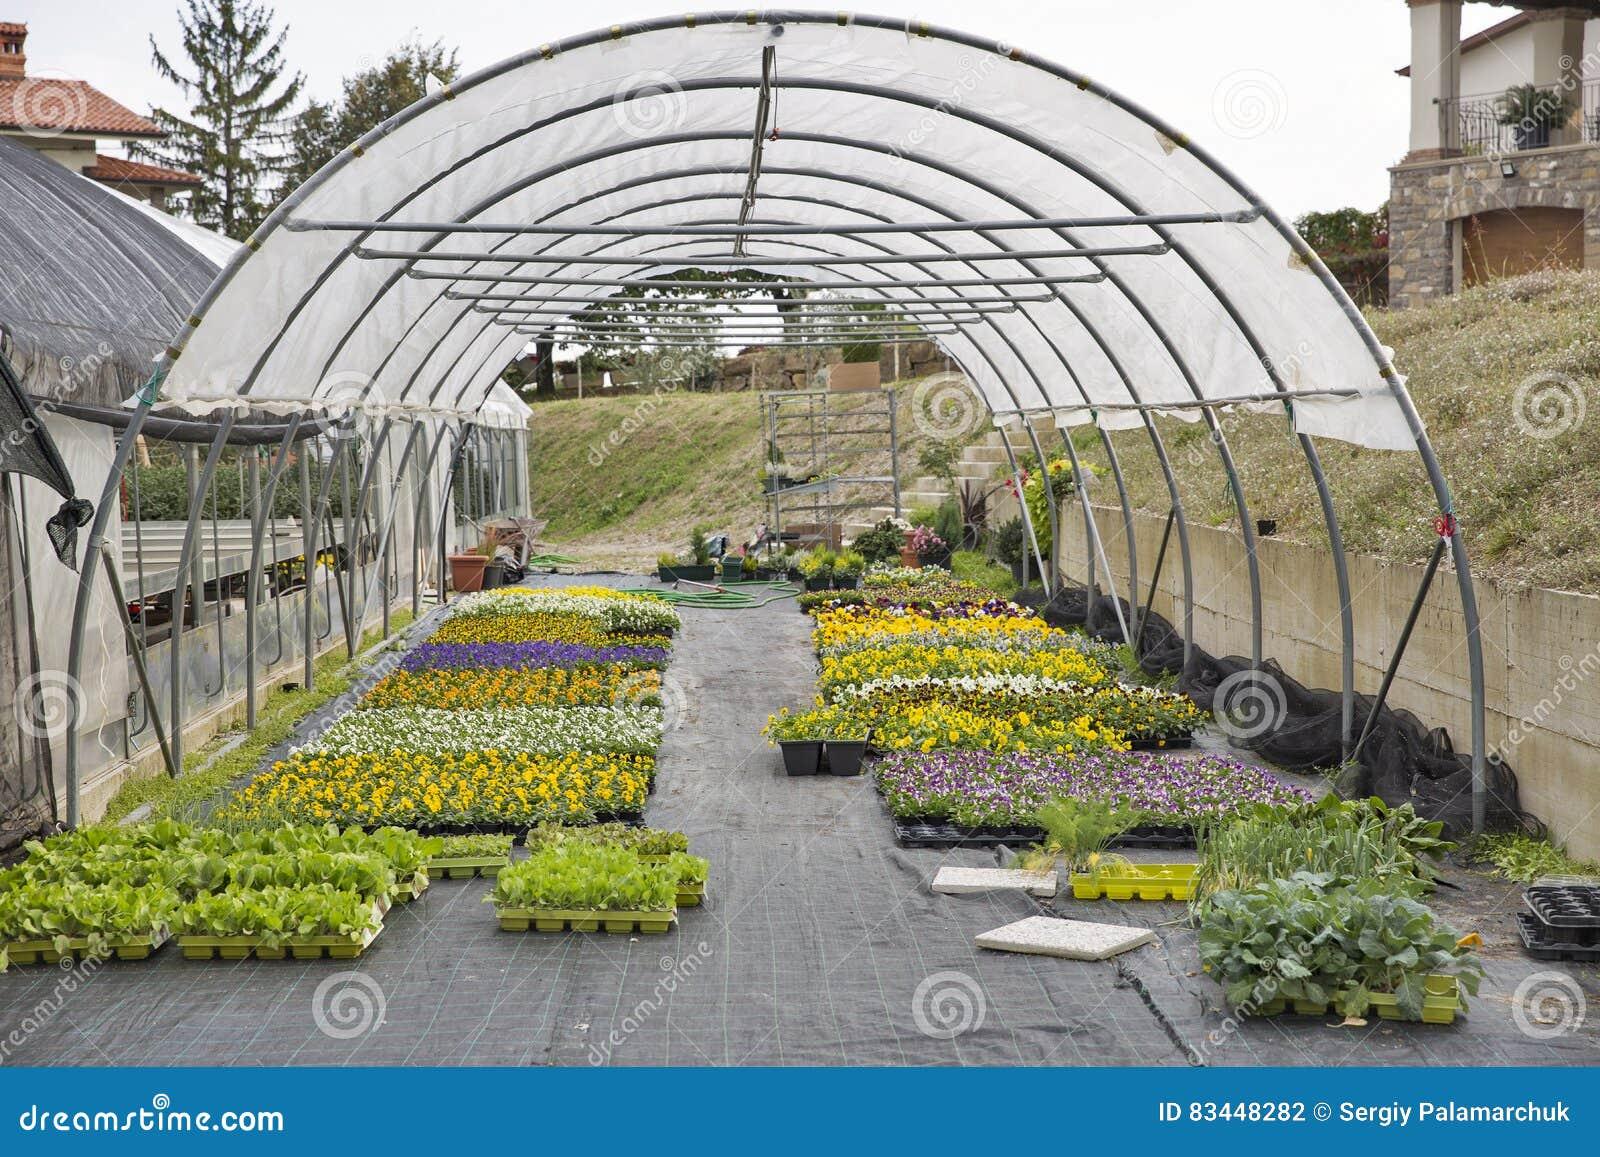 Negocio de plantas ornamentales for Que son plantas ornamentales